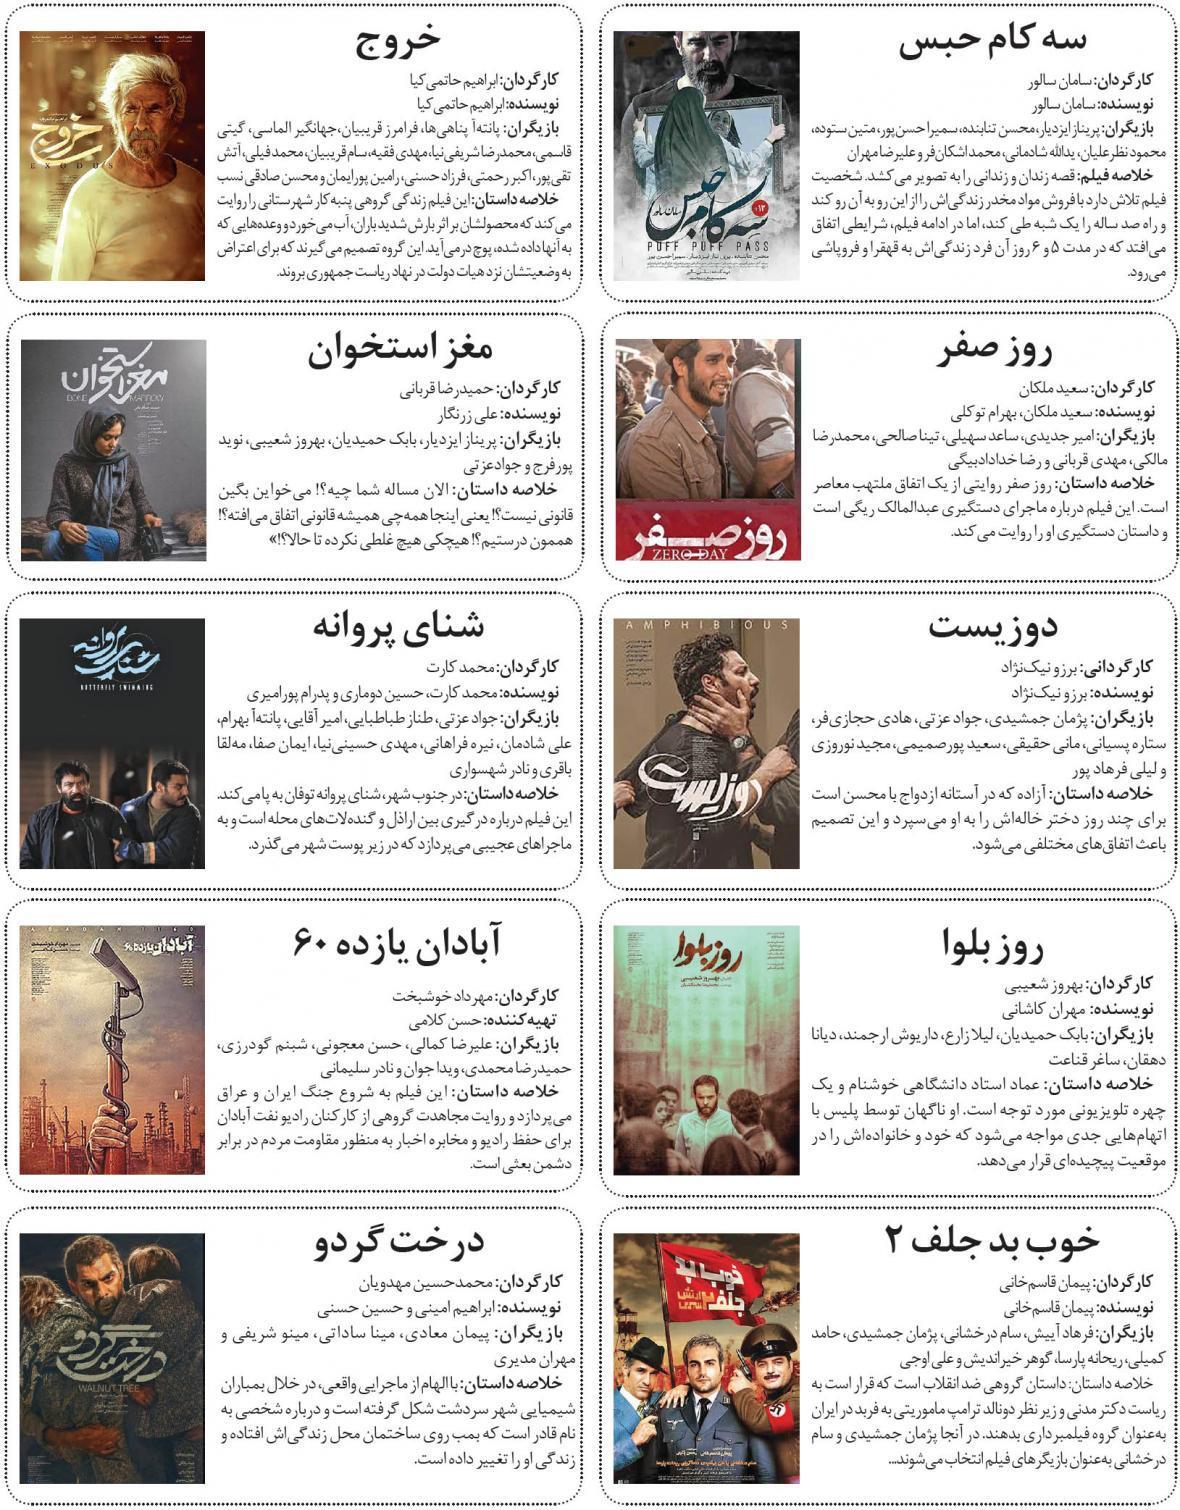 10 فیلم برتر جشنواره از نگاه مردم